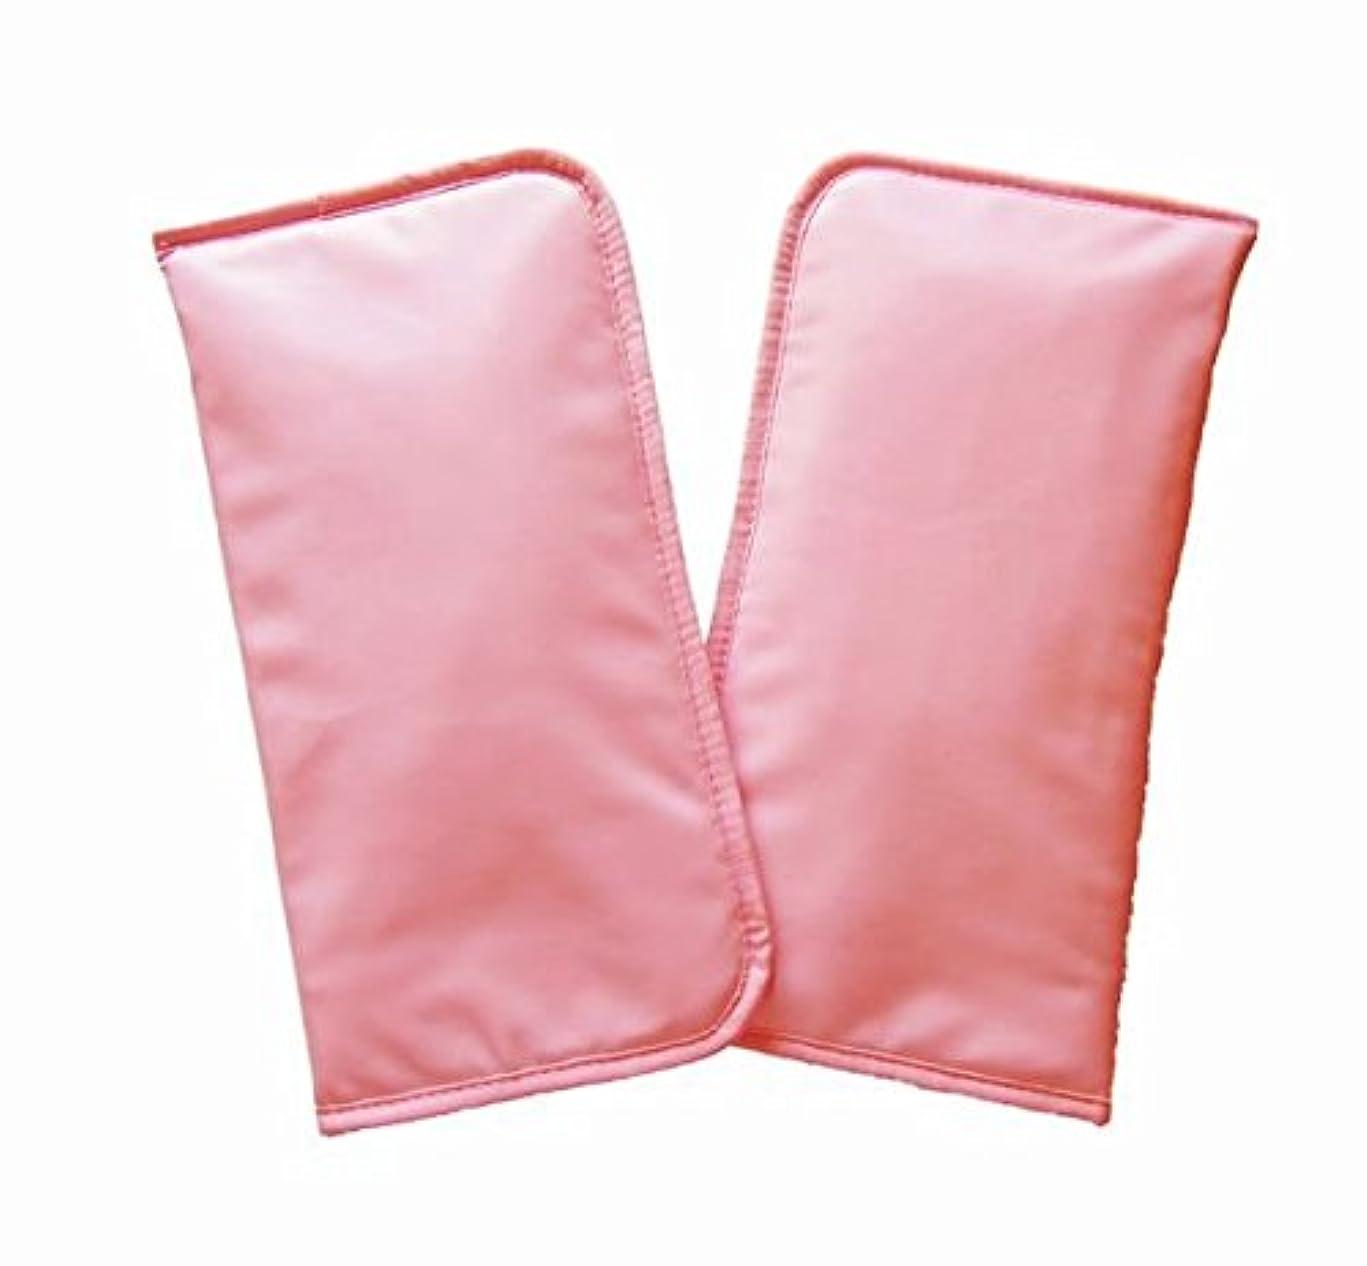 ヒューマニスティックドレス十ウォーミング ミトン 【日本初 ピンク色入荷しました】 (ピンク)